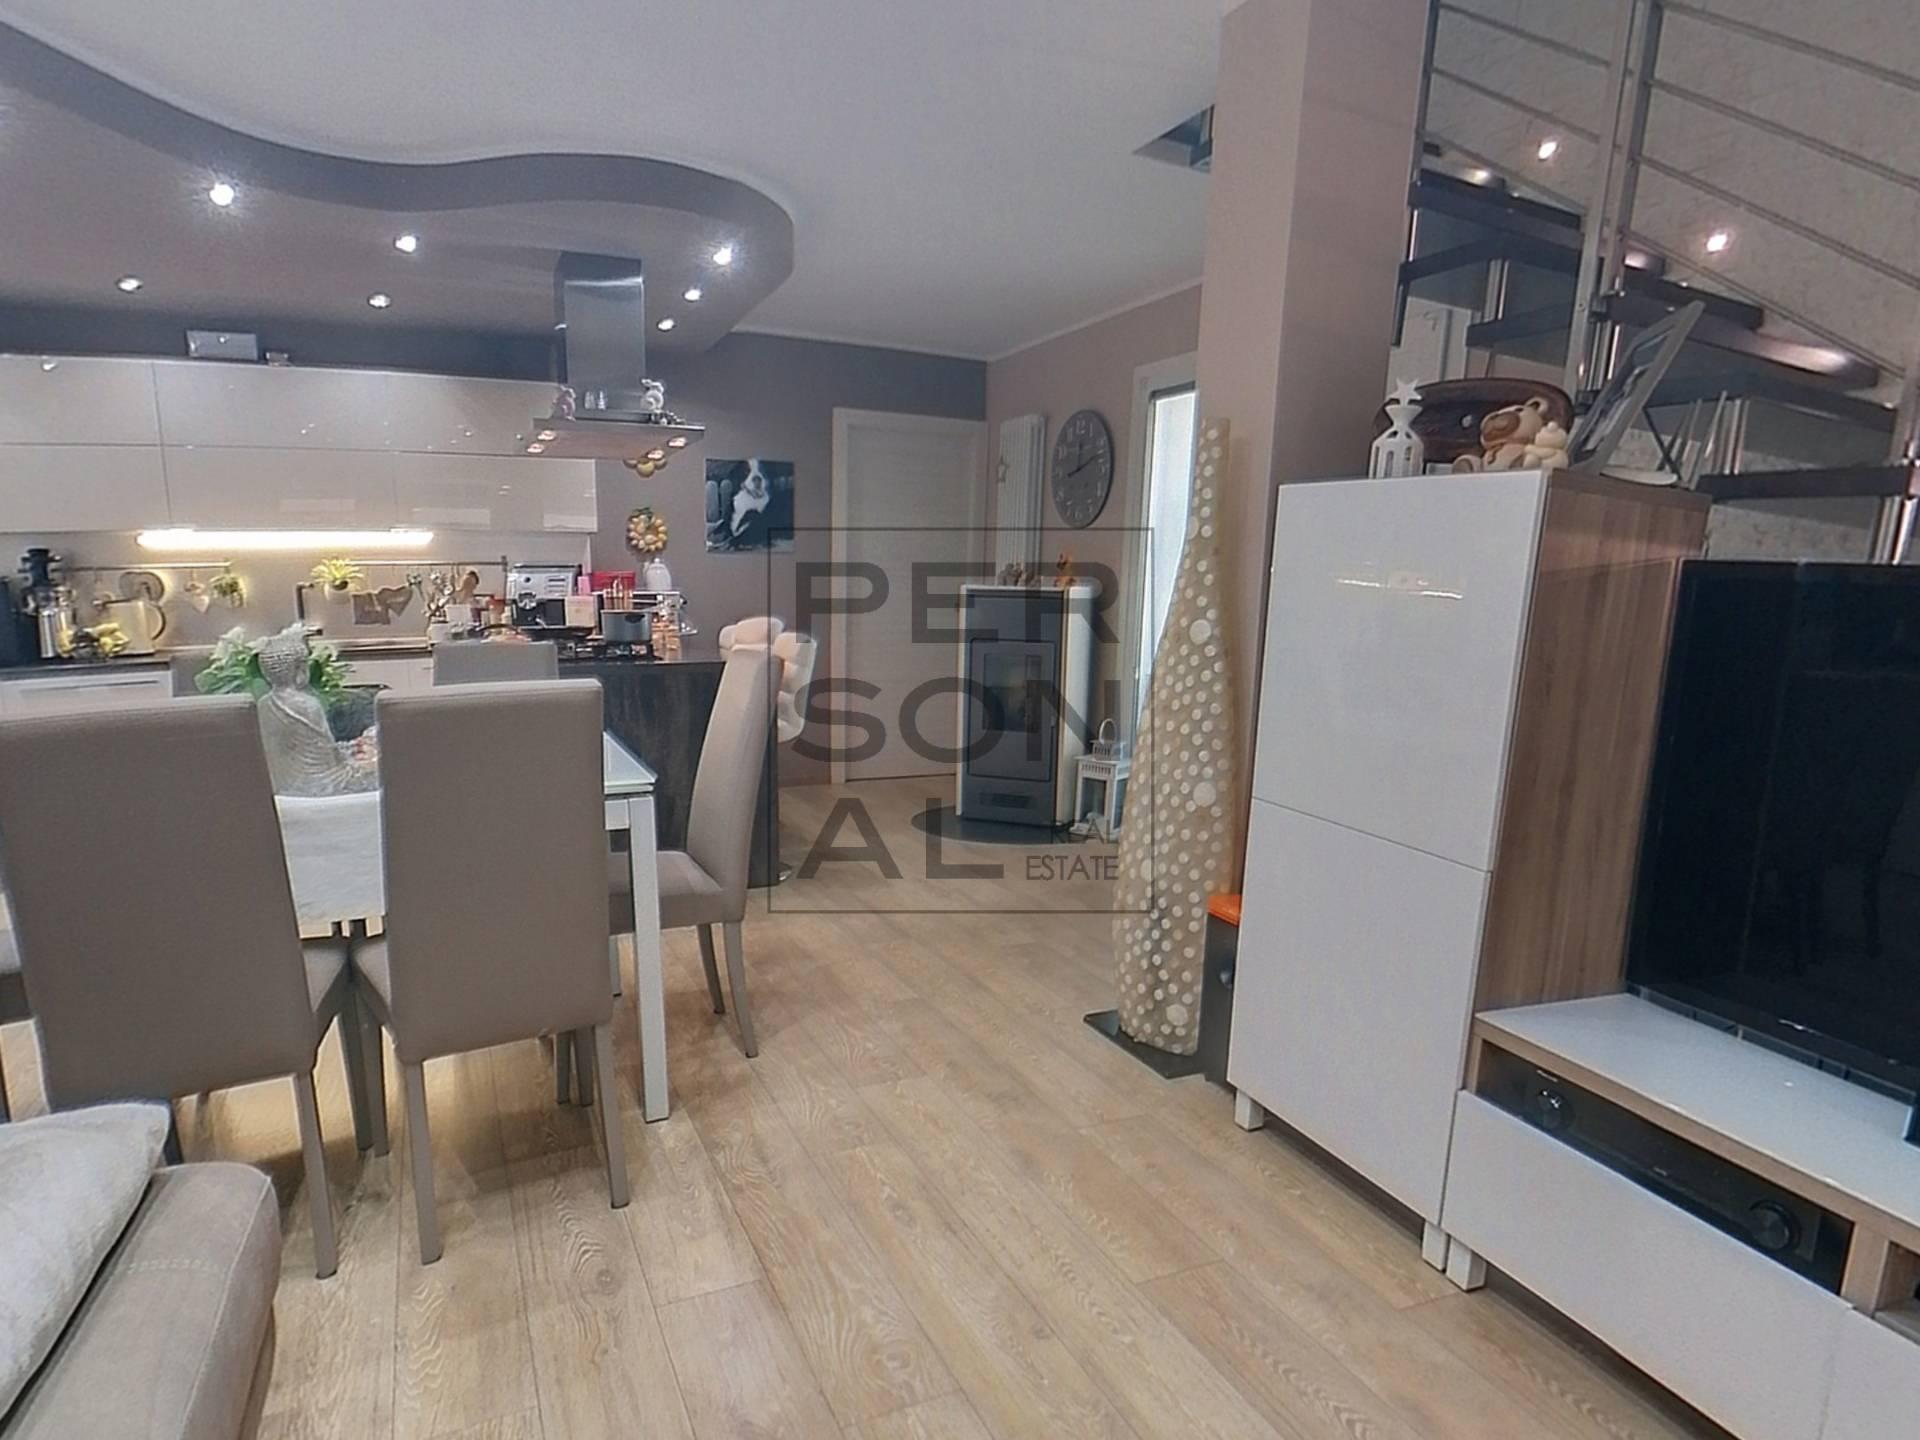 Altro in vendita a Isera, 5 locali, zona Località: Cornal?, prezzo € 460.000   CambioCasa.it